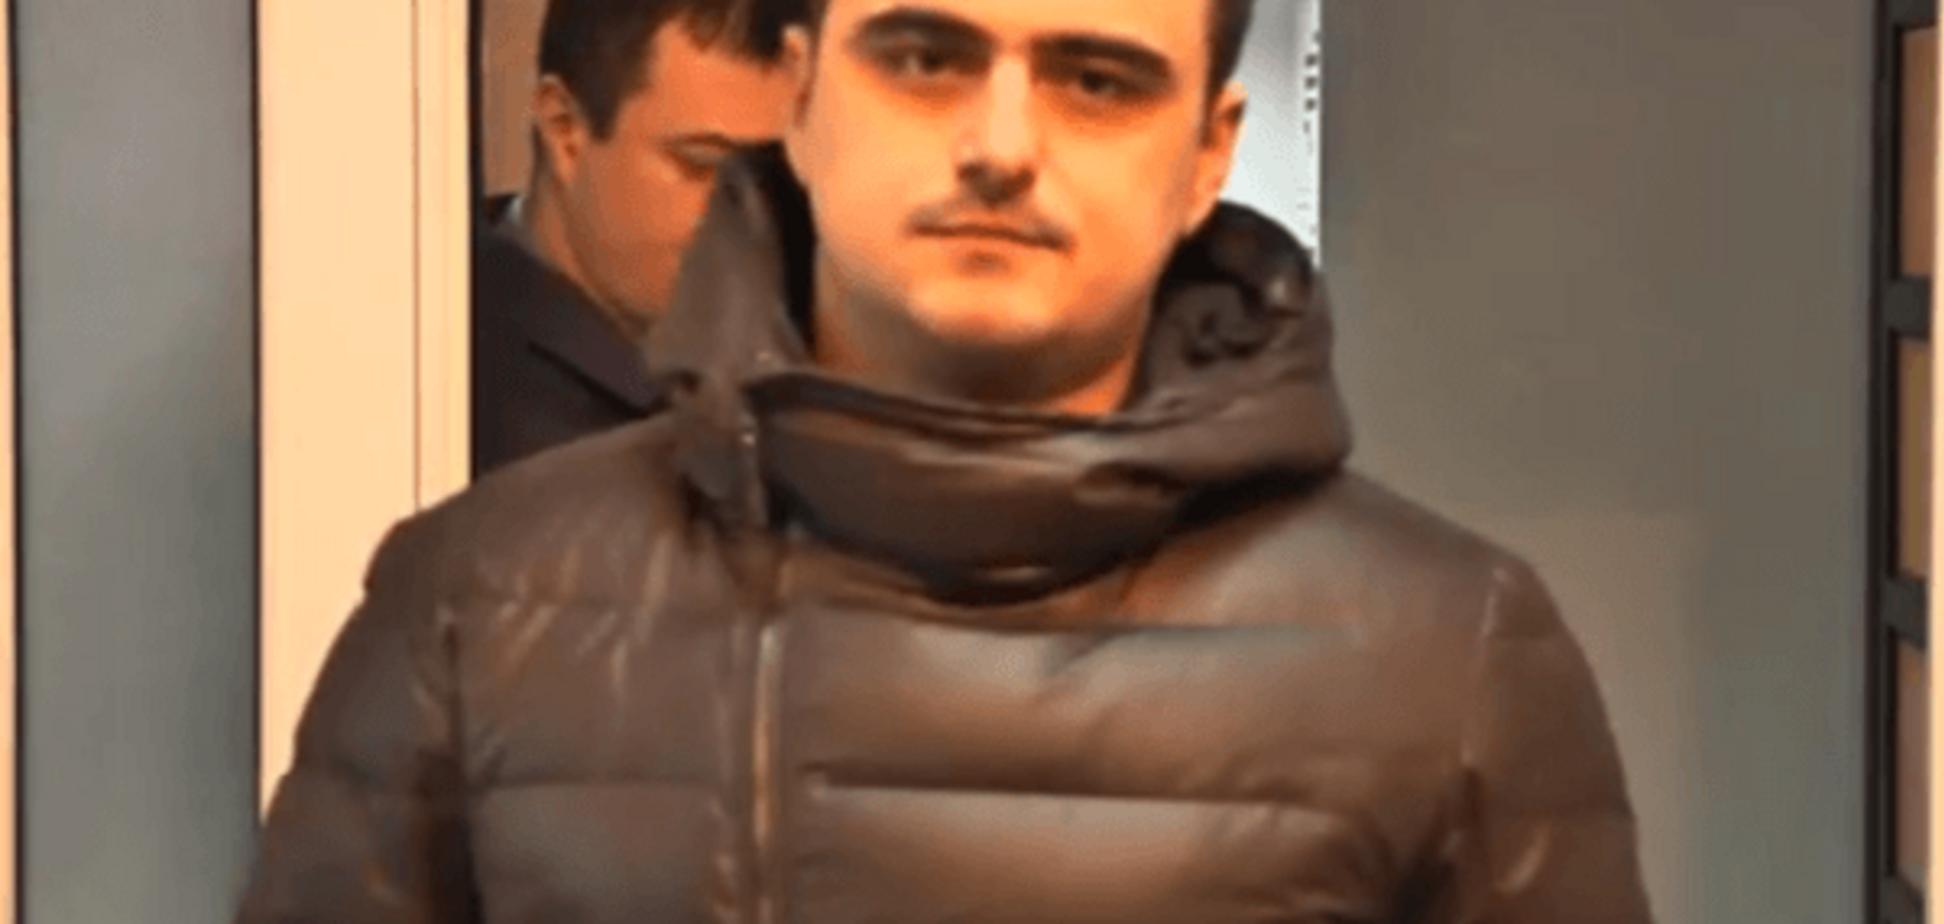 Новое ДТП с мажором: во Львове сын экс-начальника ГАИ сбил полицейского. Видеофакт